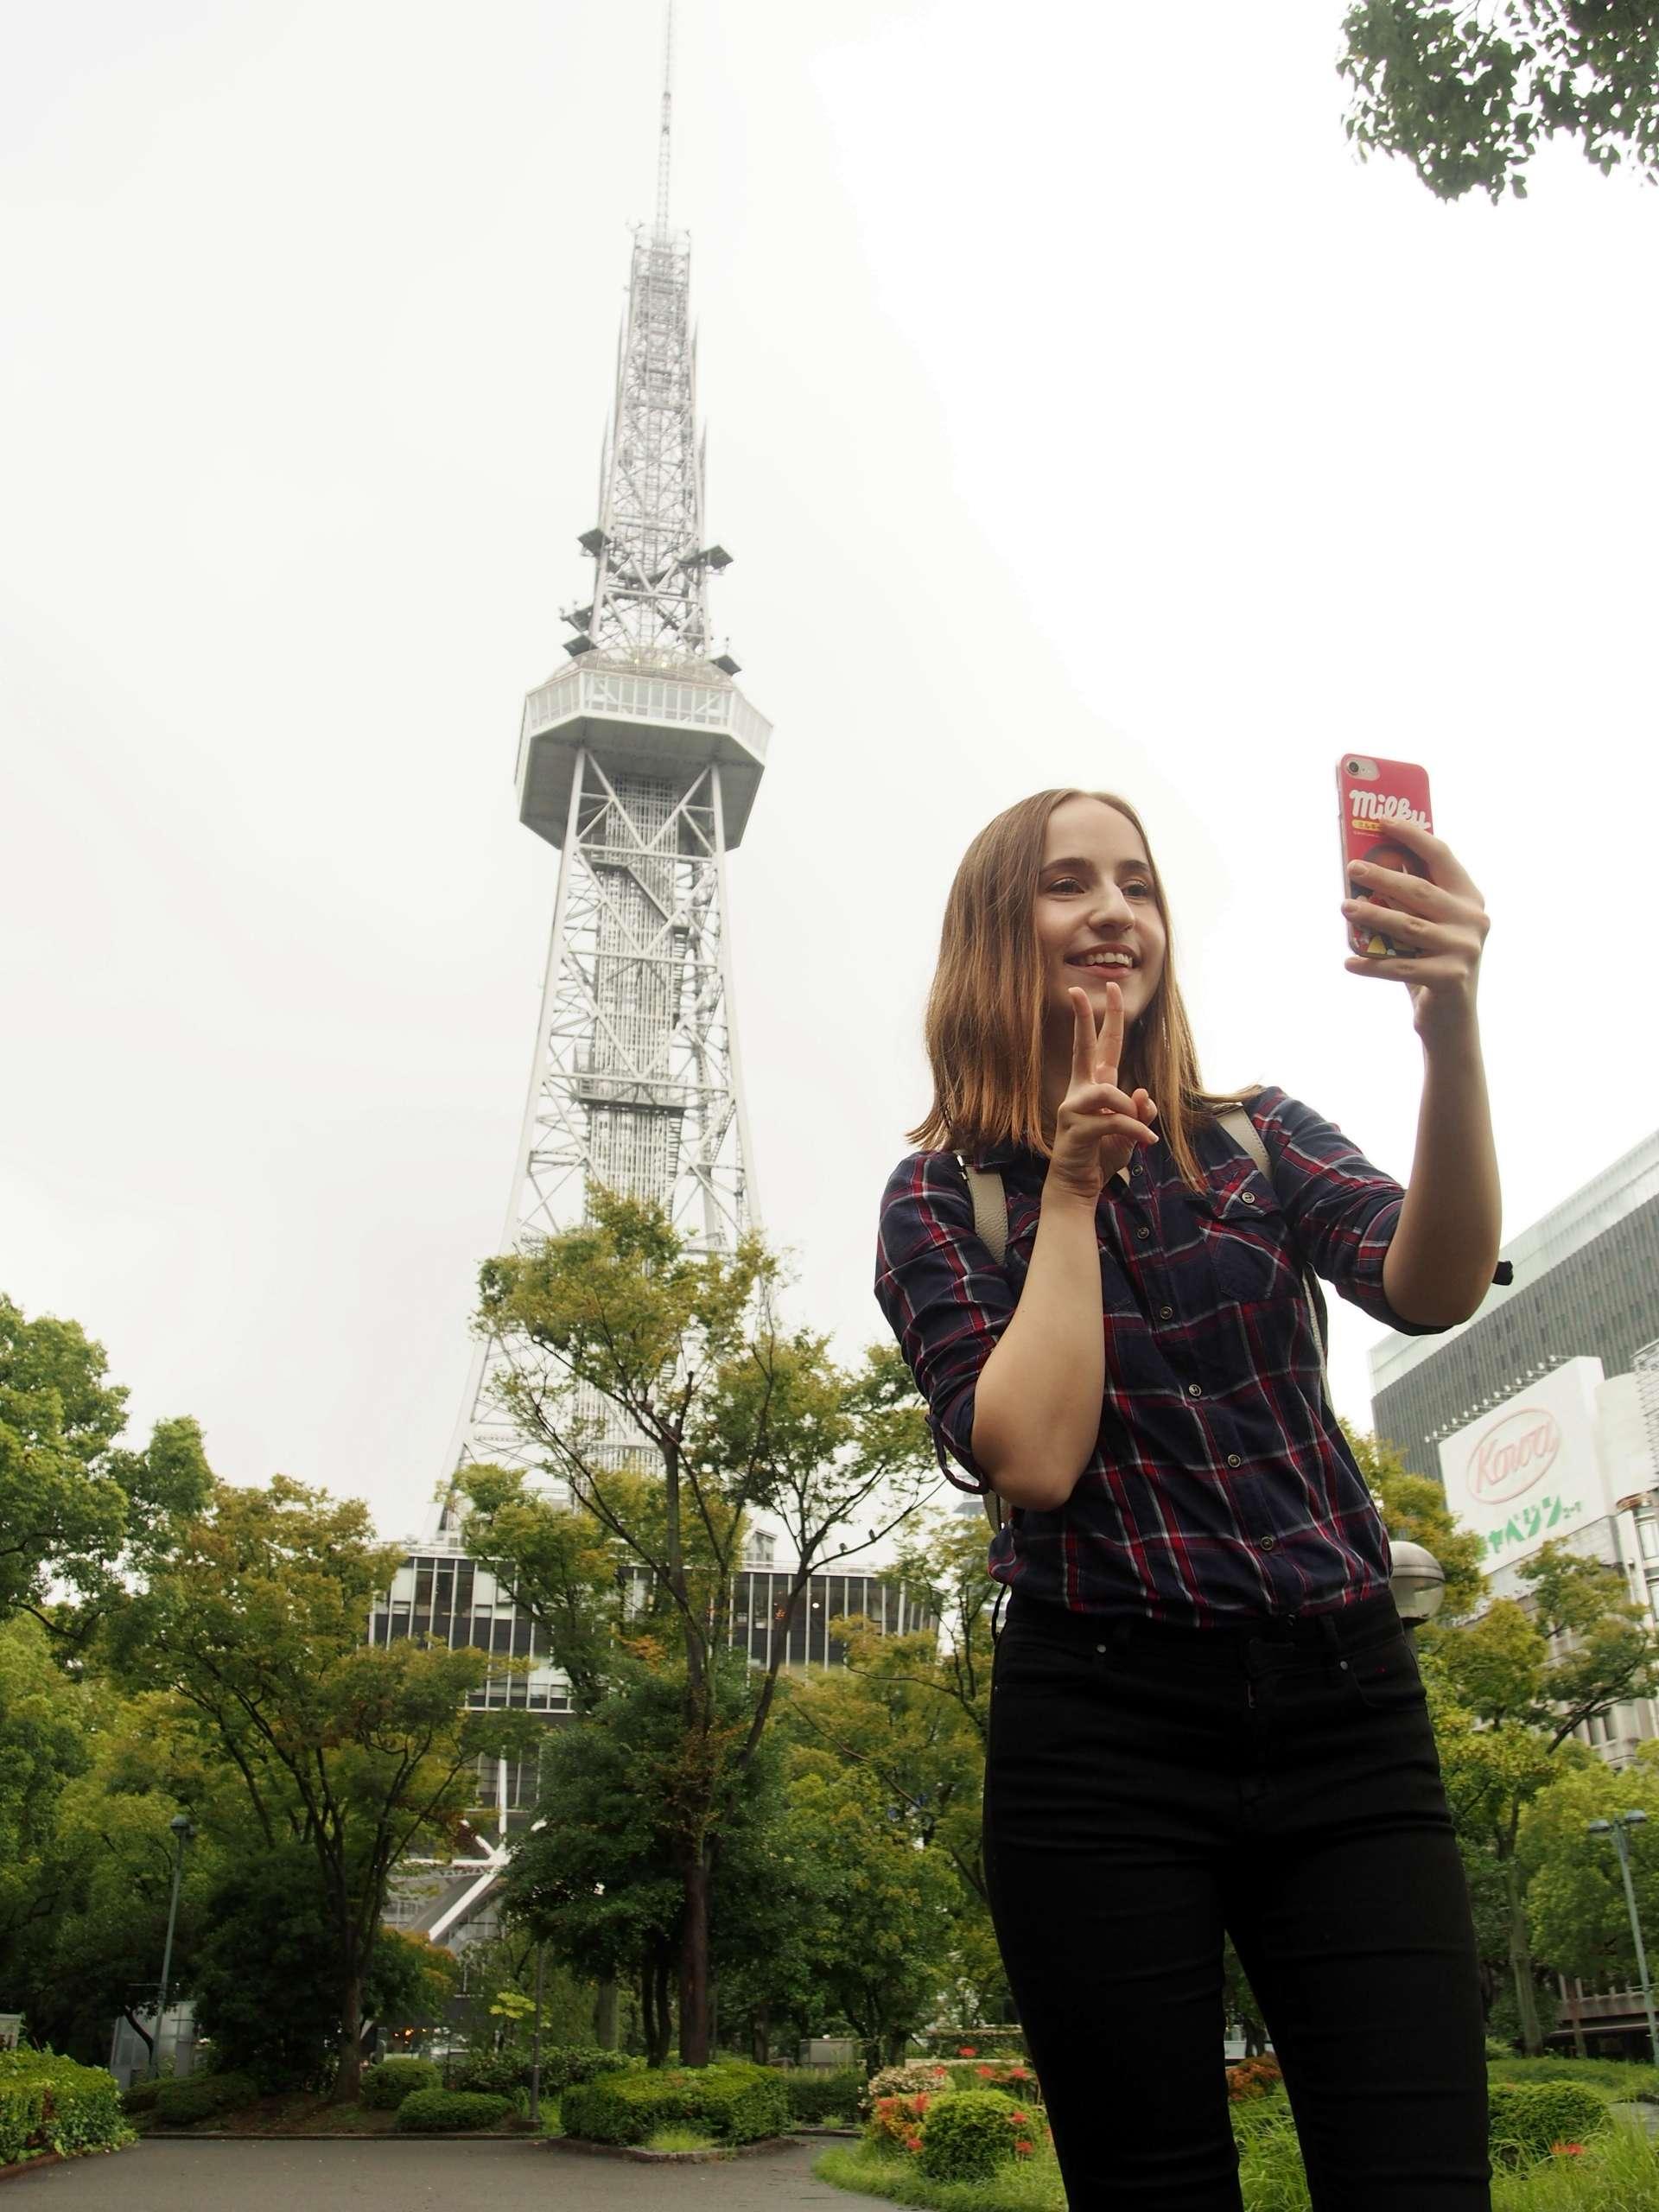 来一张Instagram用,将名古屋电视塔作为背景的自拍!